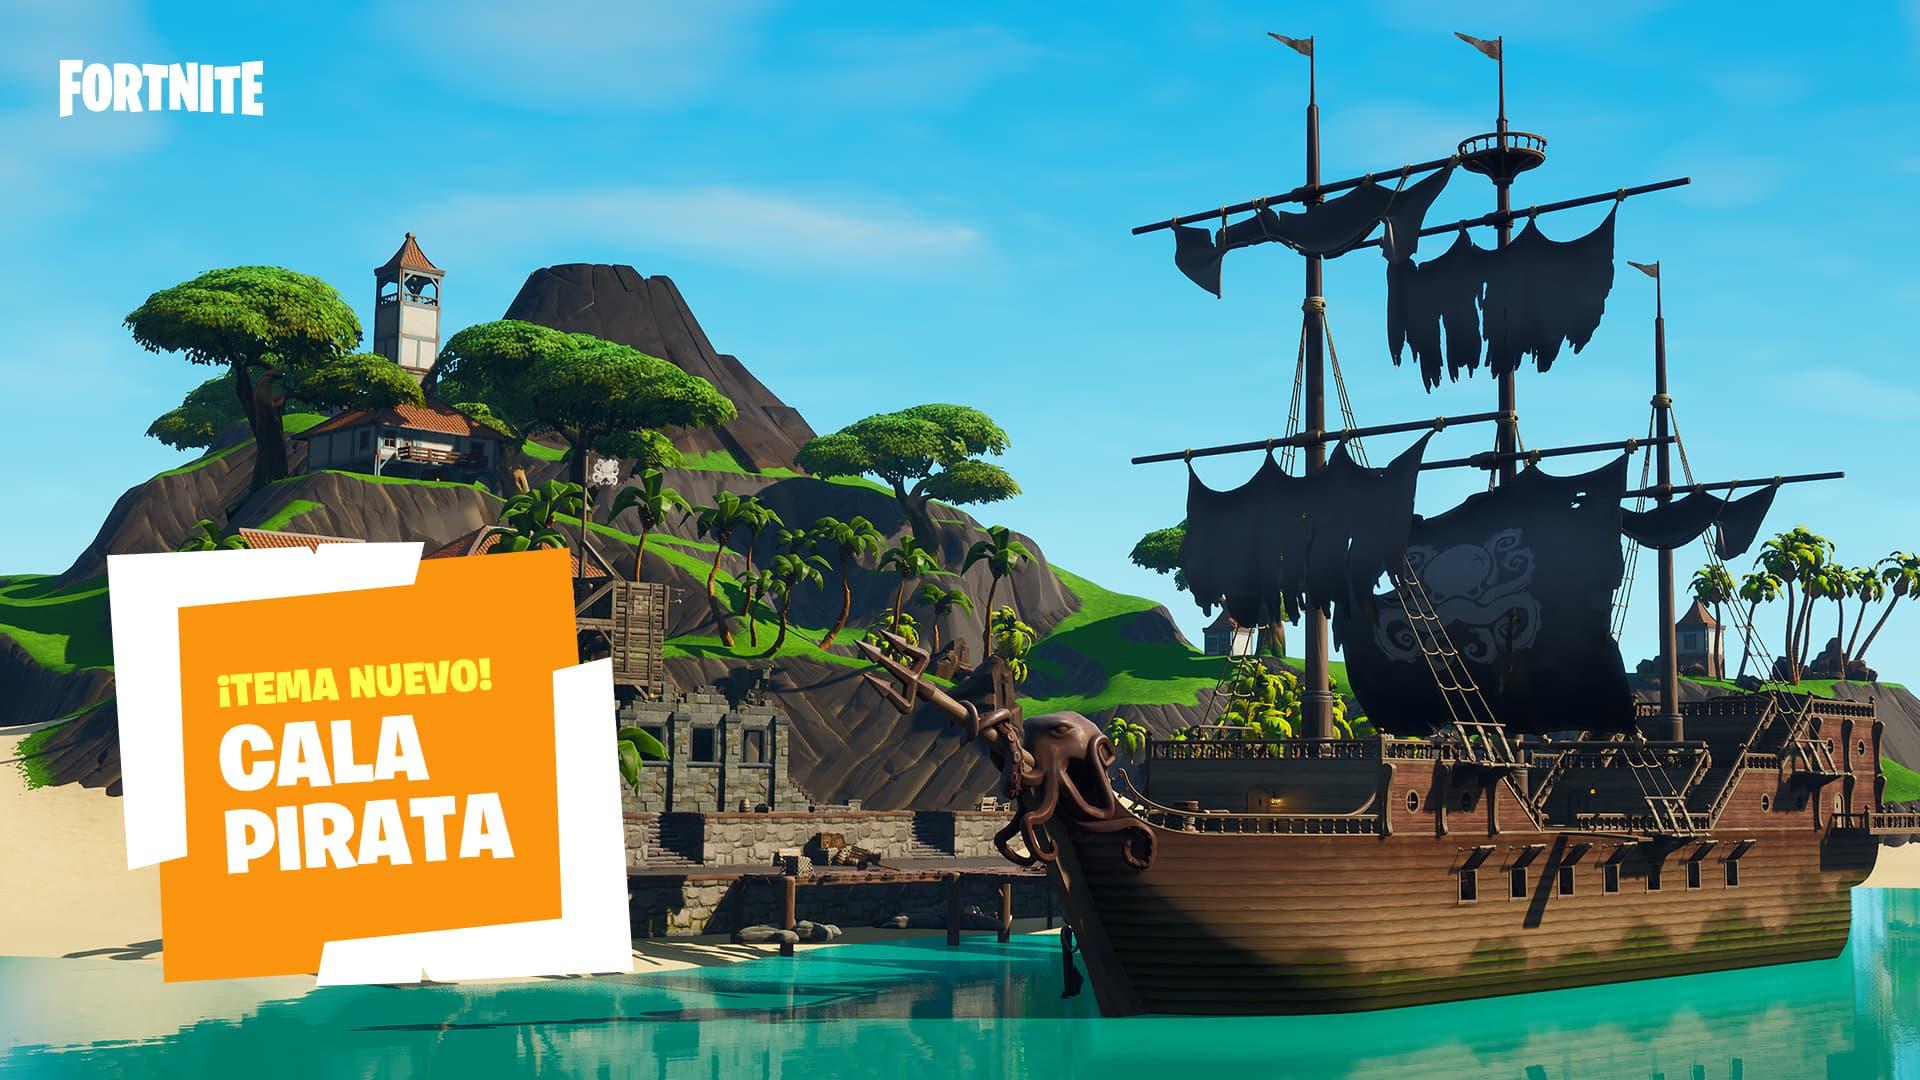 Fortnite Cala Pirata